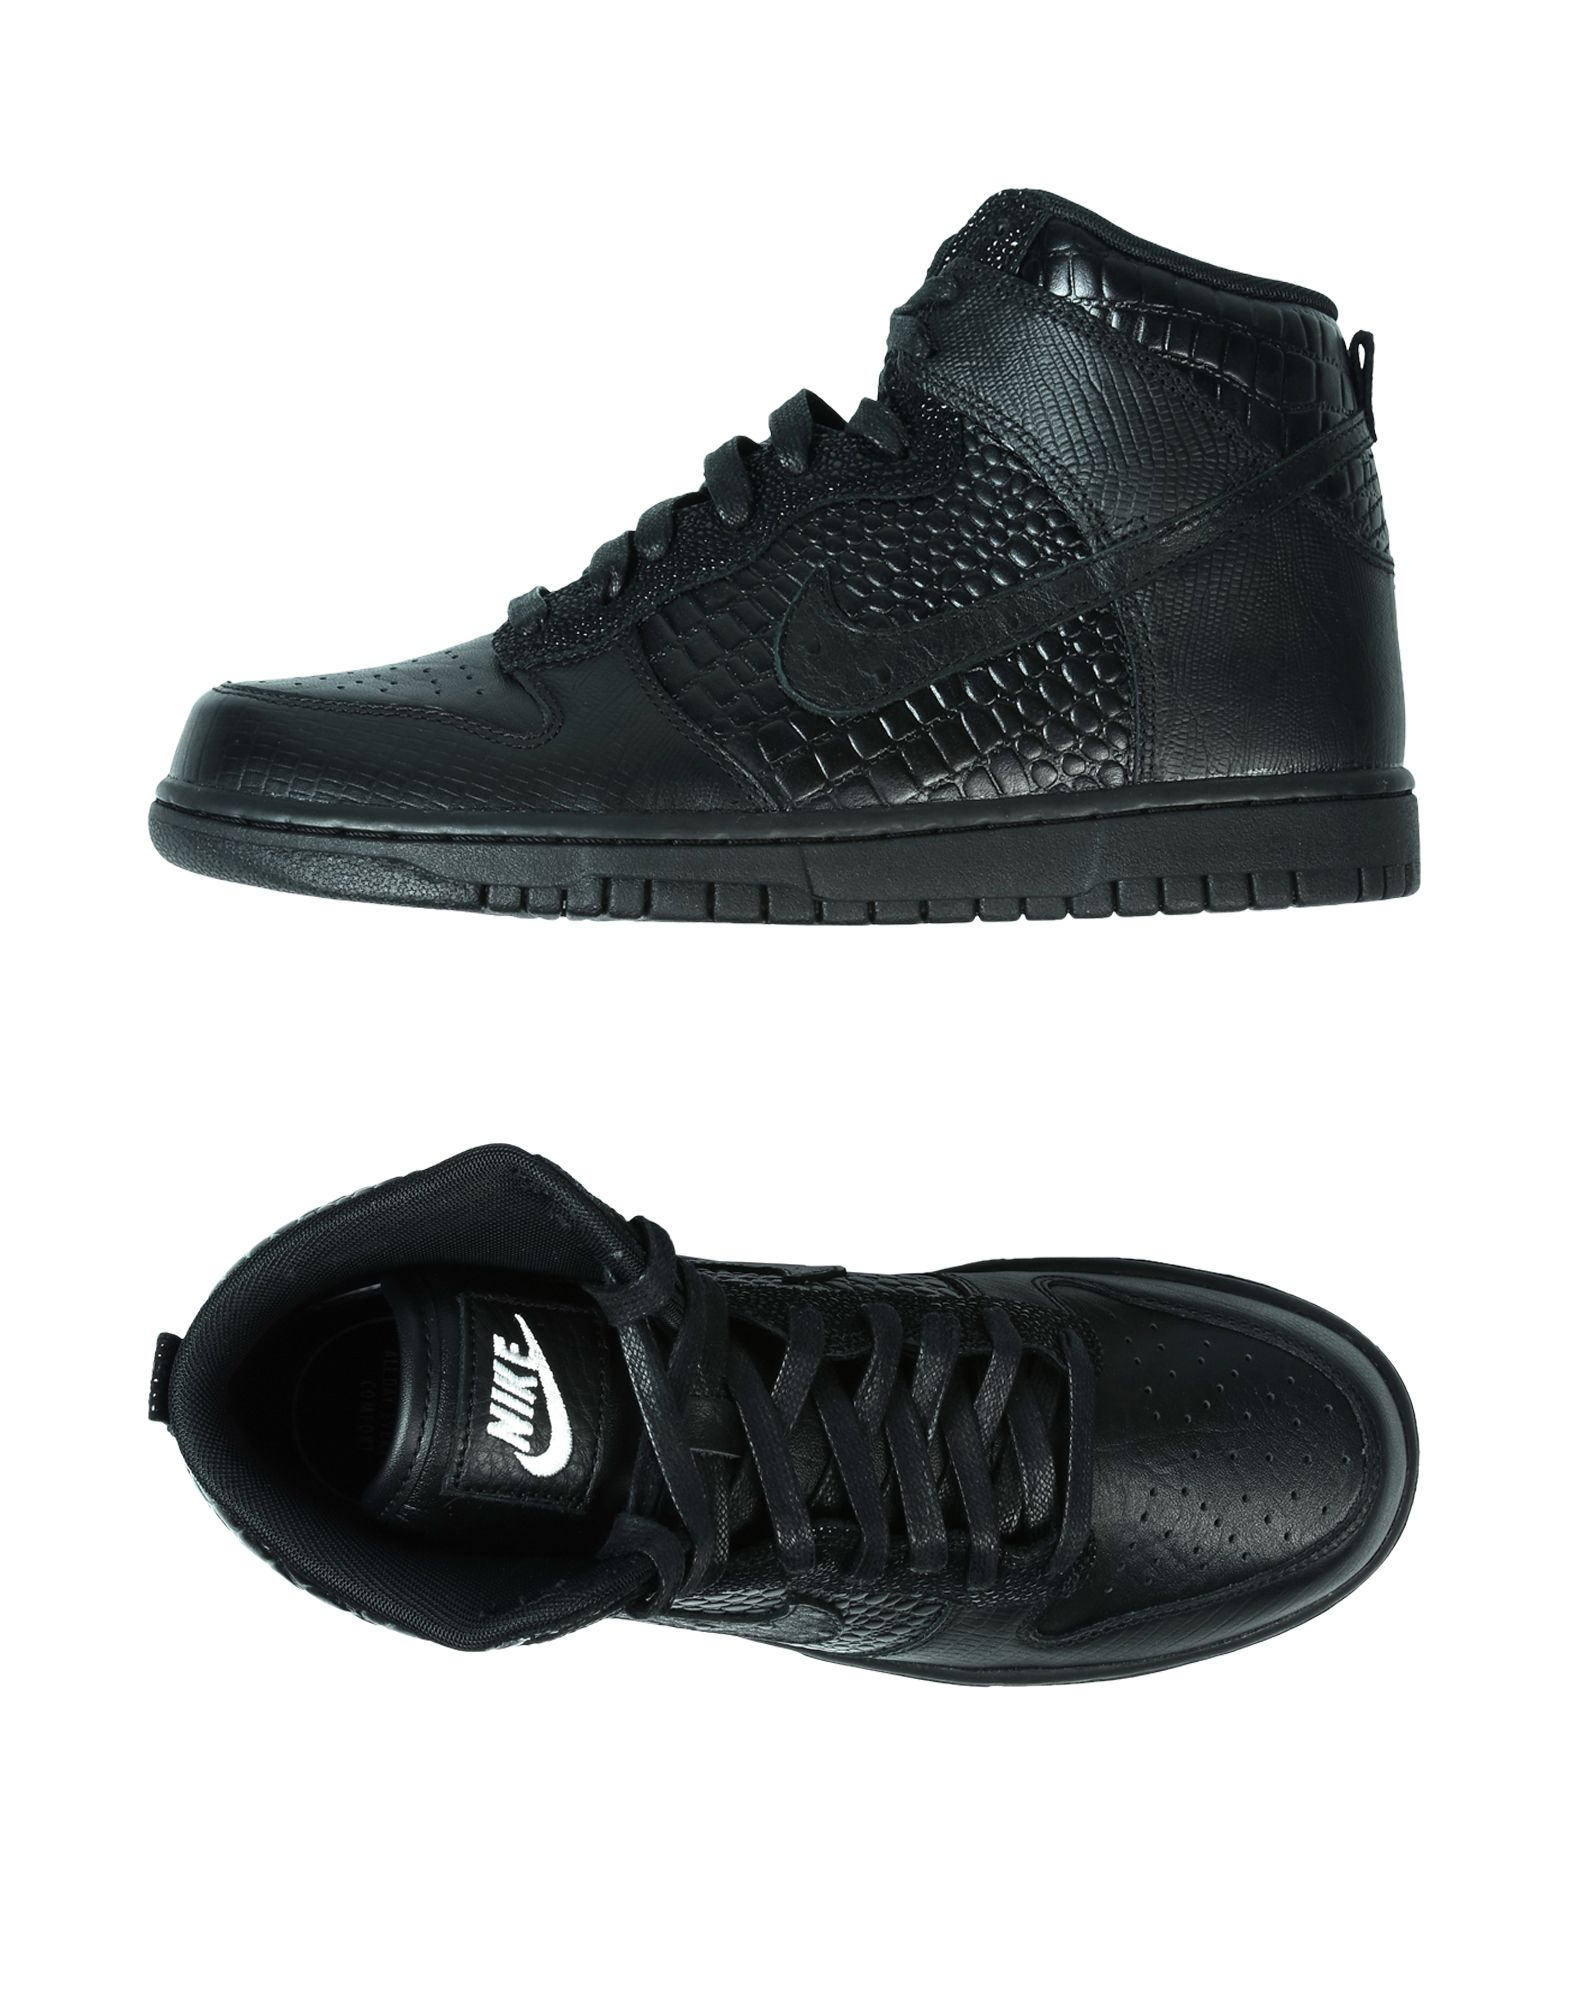 Sneakers Nike Dunk Hi Lux - Femme - Sneakers Nike sur